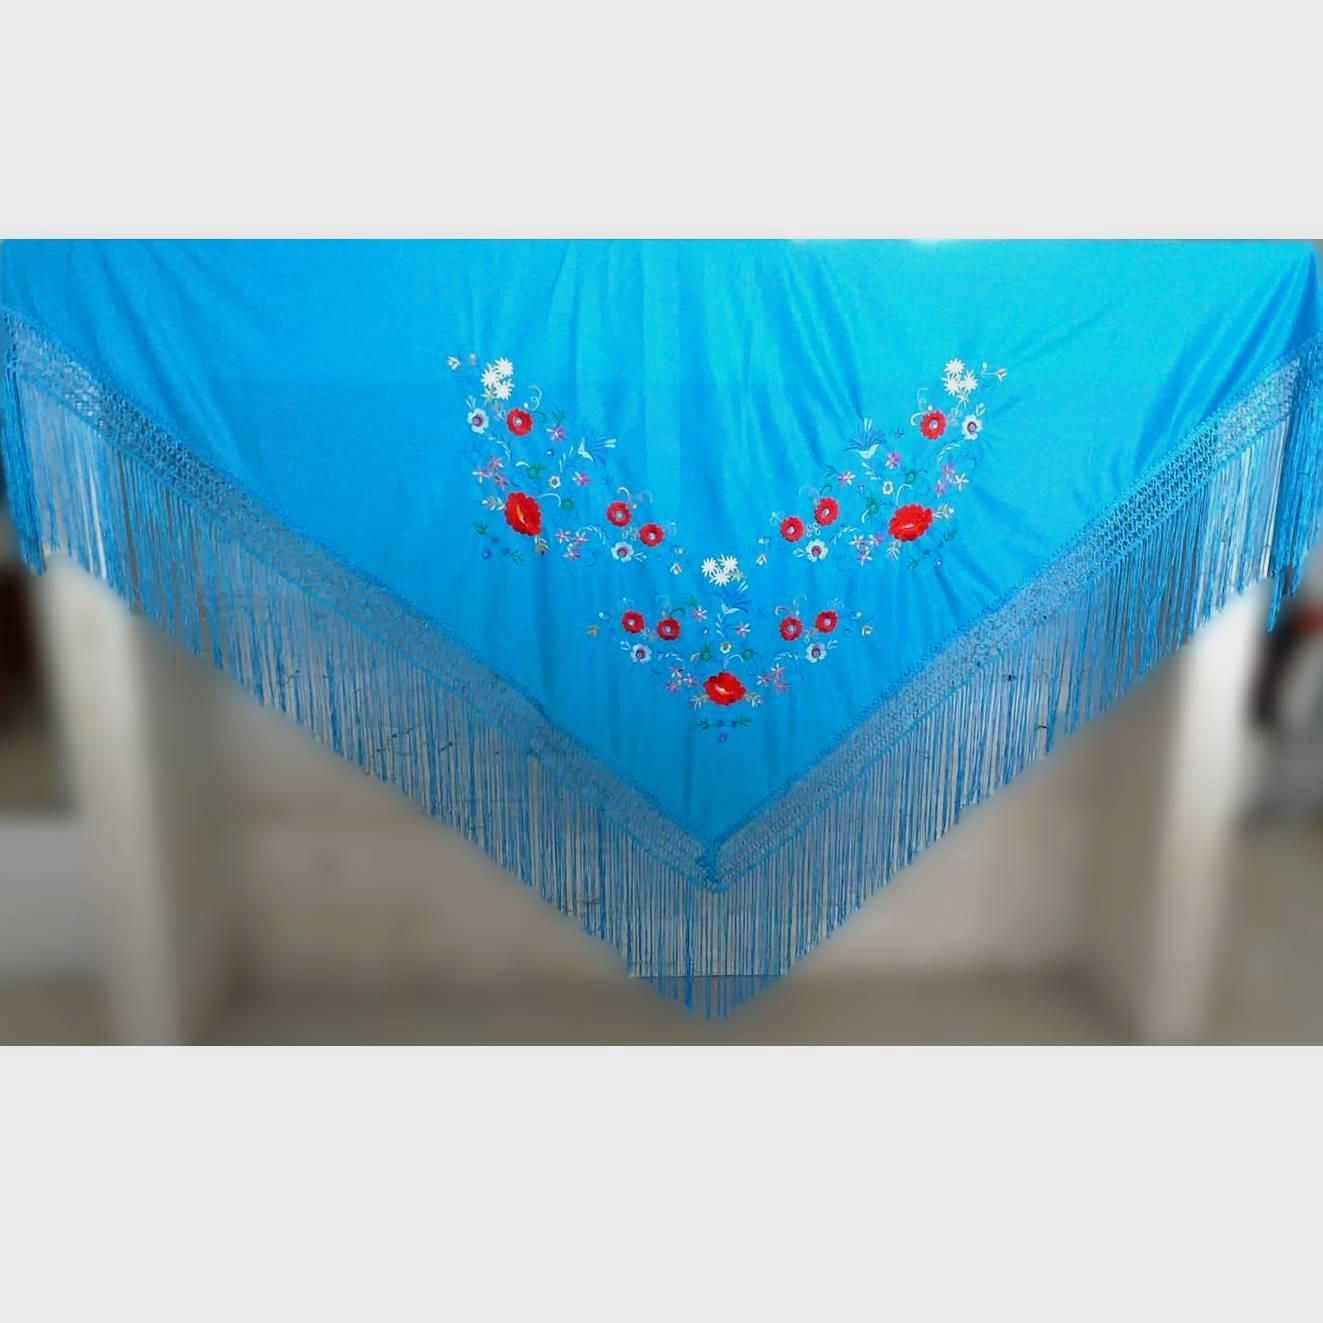 XALE ESPANHOL bordado 160x75 azulturquesa flores coloridas flamenco cigano